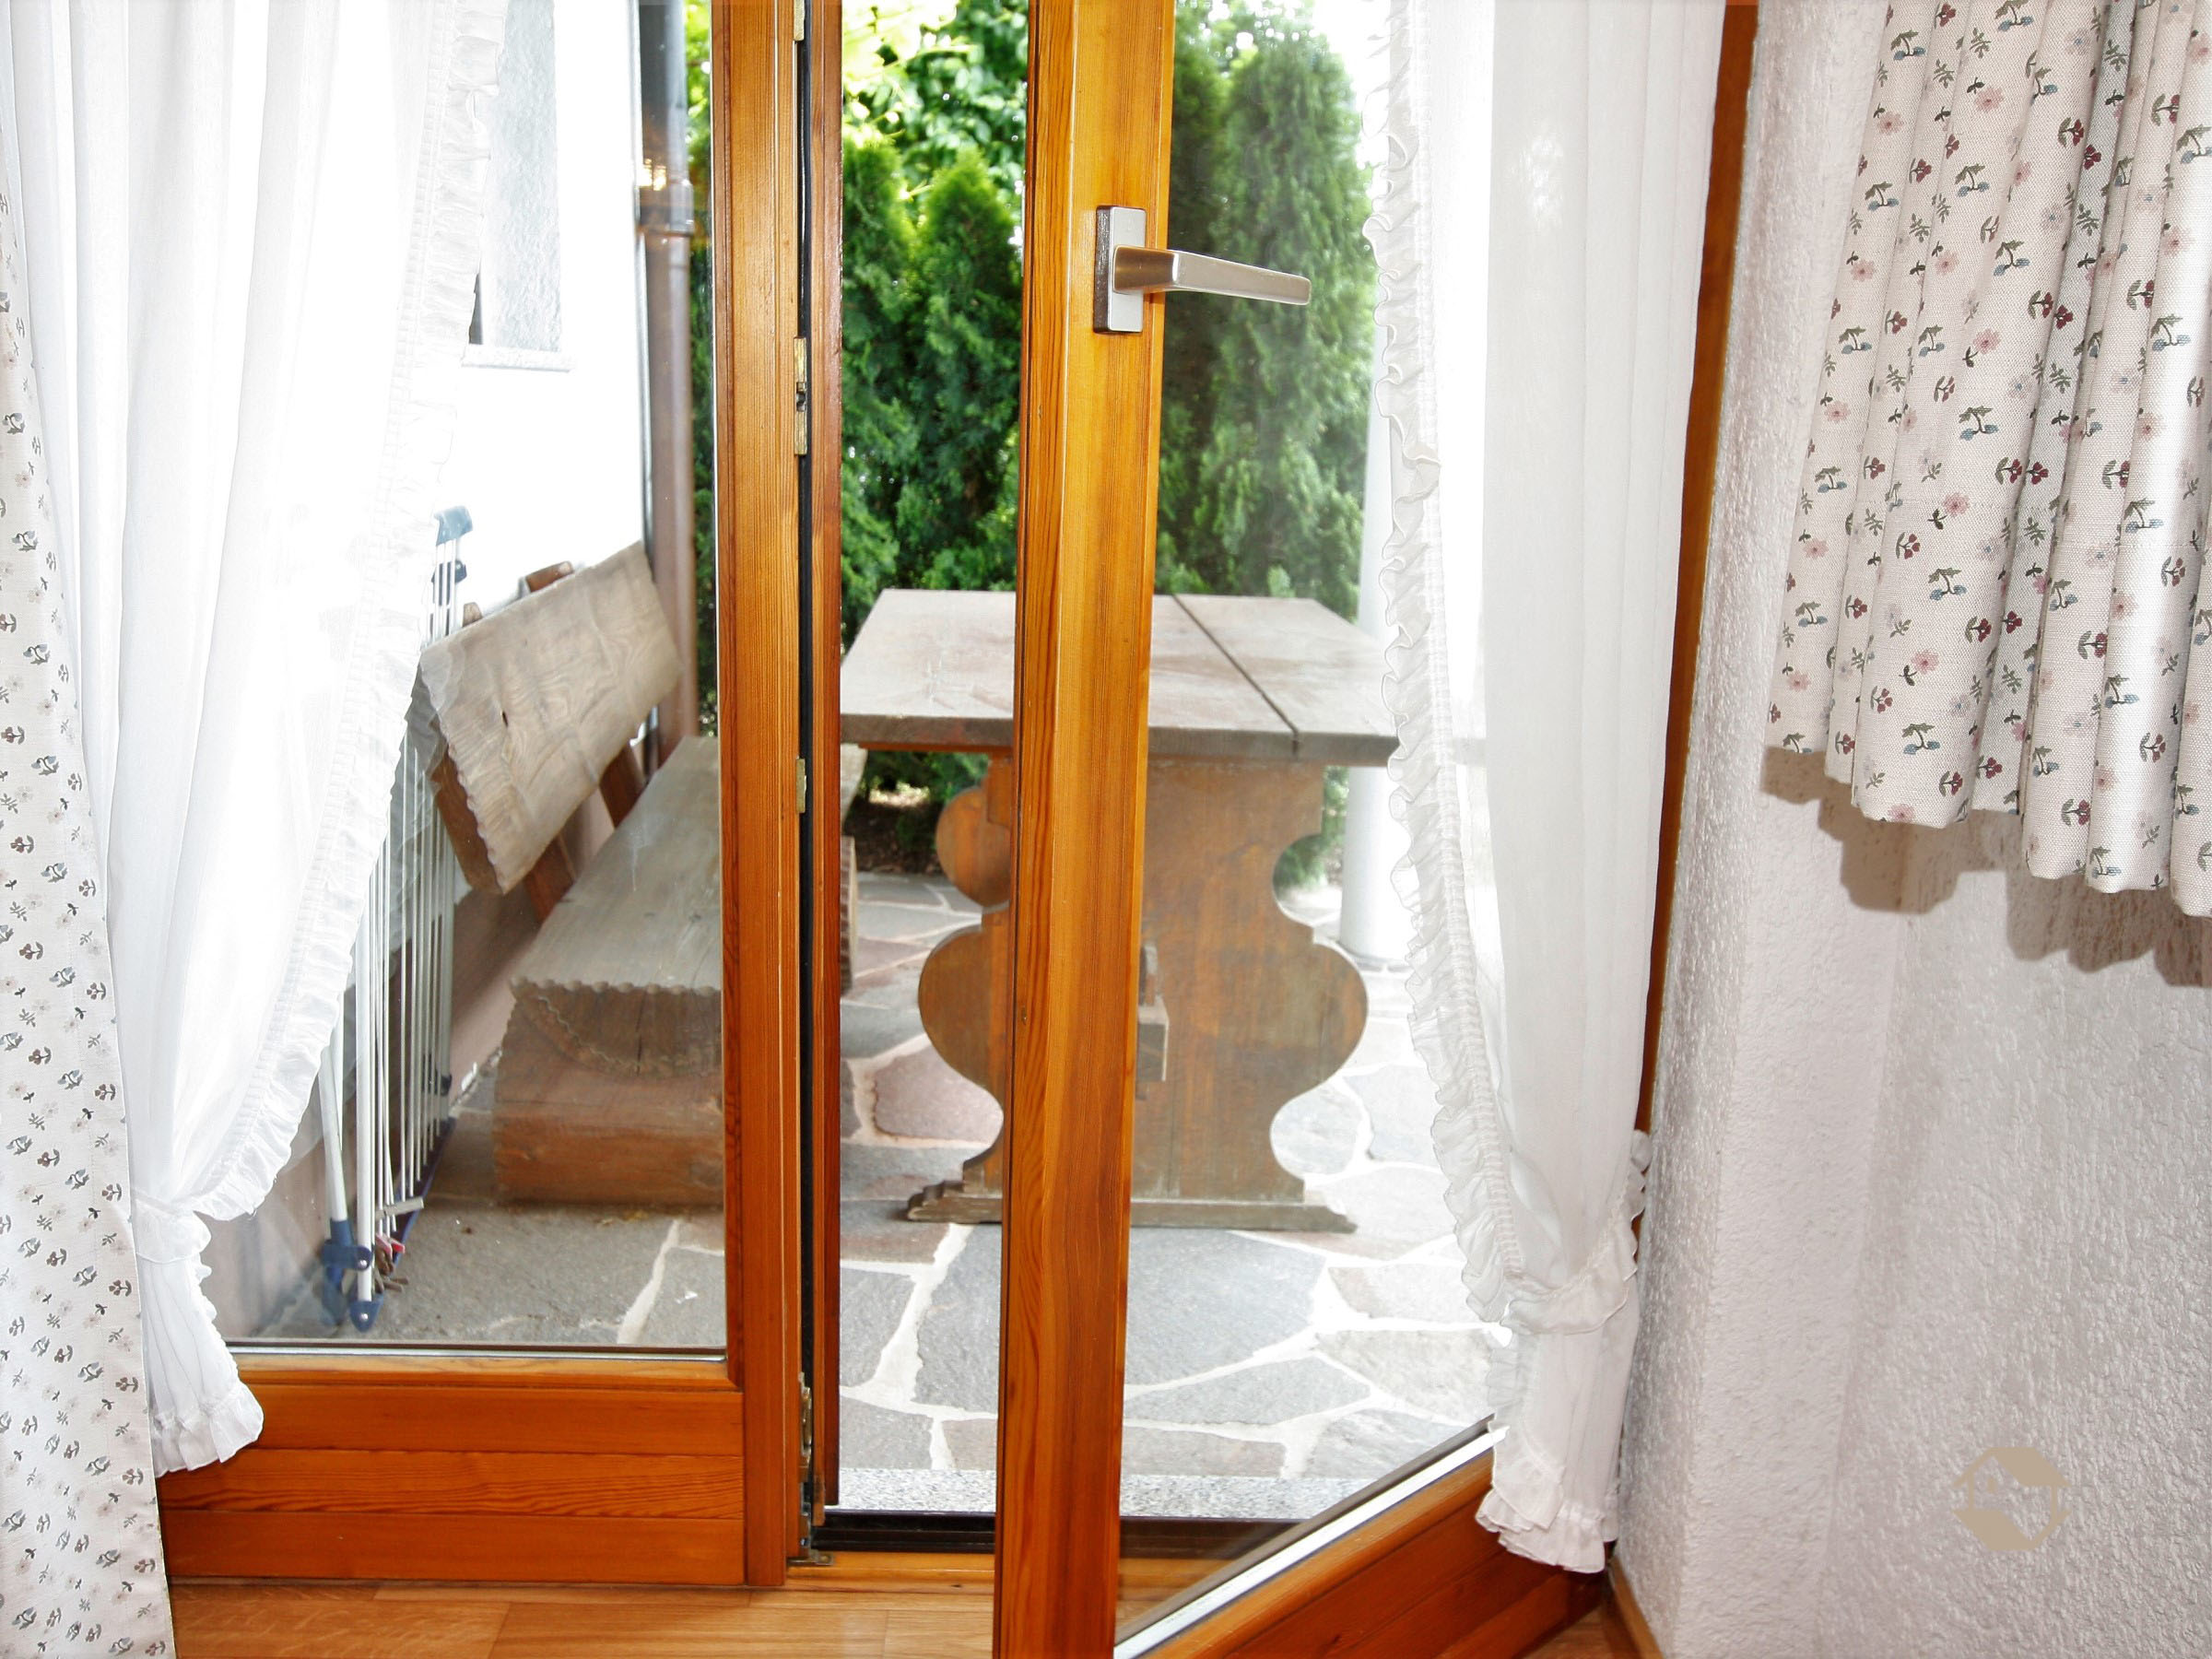 Ferienwohnung Haus Kandelblick, (Furtwangen). Ferienwohnung Kandelblick, 60qm, 1 Schlafraum, 1 Wohn-/Sch (2717402), Furtwangen, Schwarzwald, Baden-Württemberg, Deutschland, Bild 19